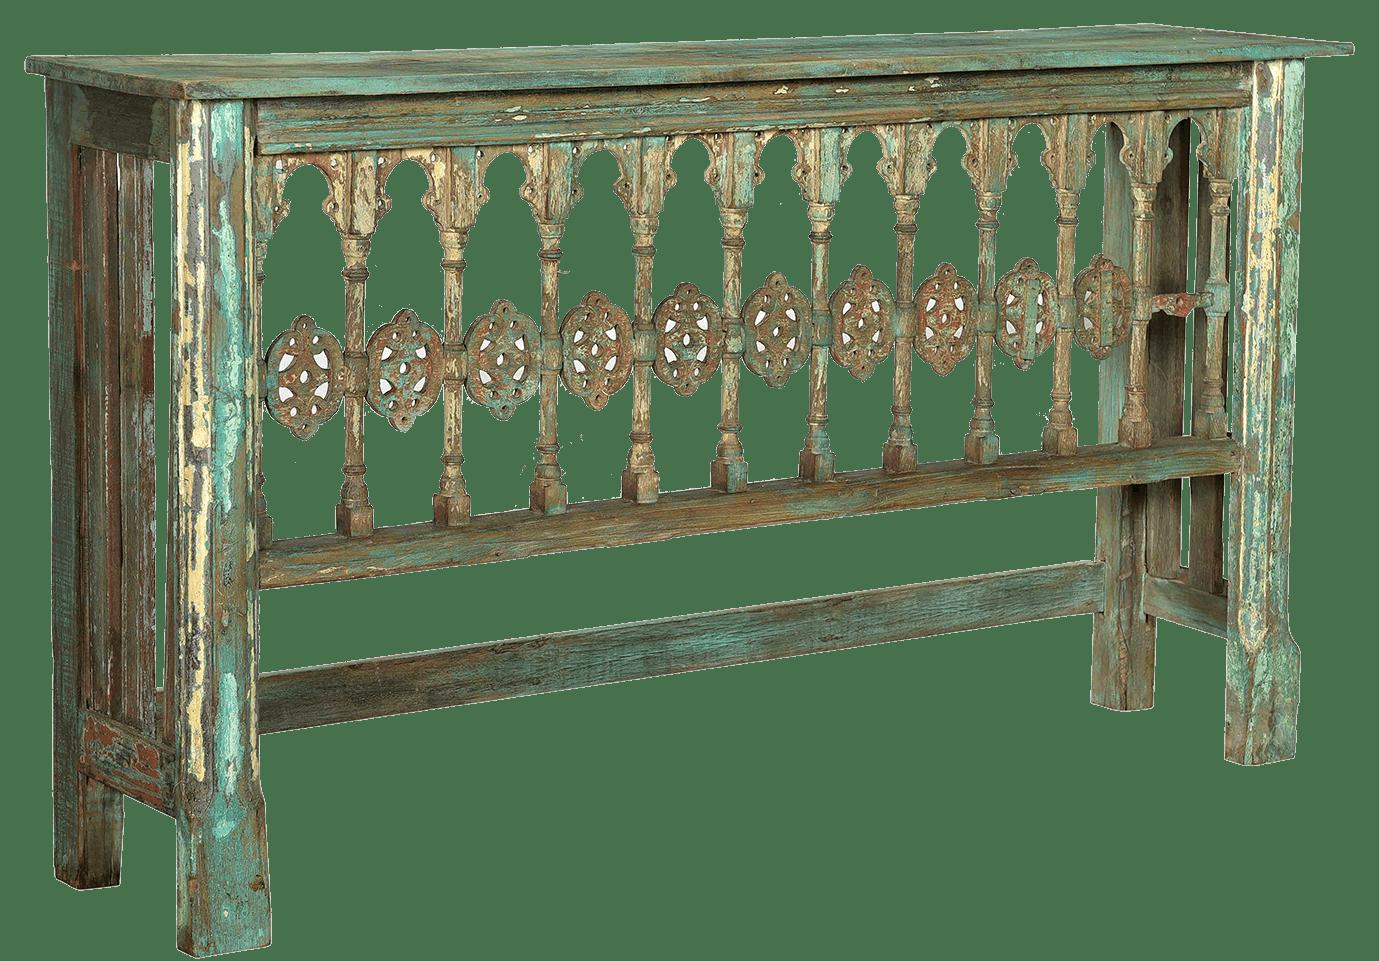 oude-sidetable-uit-india-oosterse-meubelen-indiase-meubels-koreman-maastricht